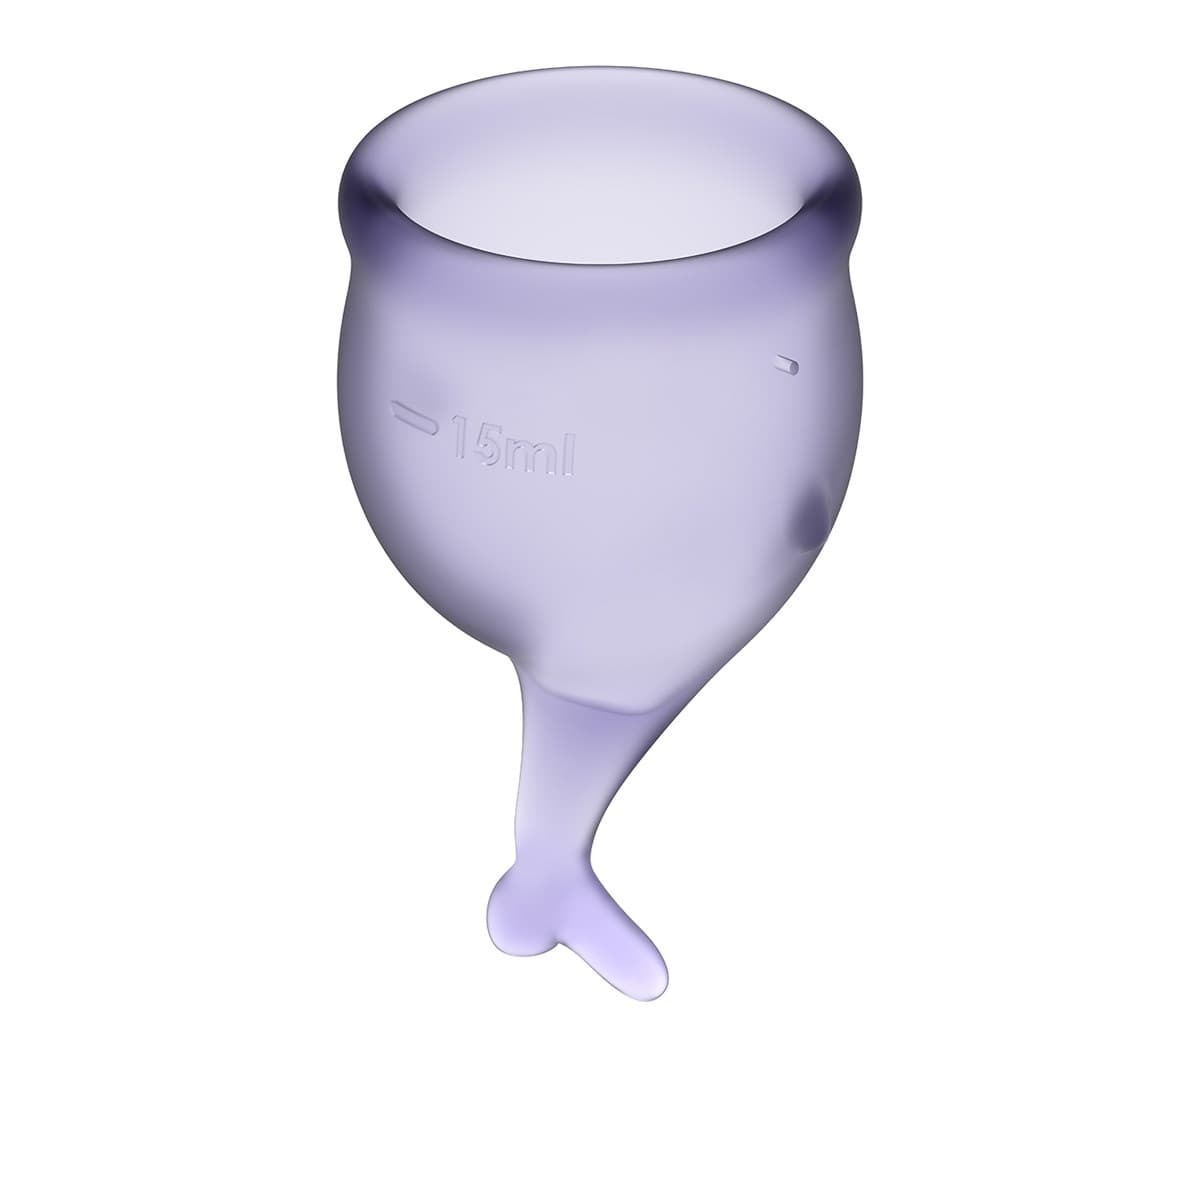 Satisfyer Feel Secure Menstrual Cup, Набор Менструальных Чаш - фото 18778